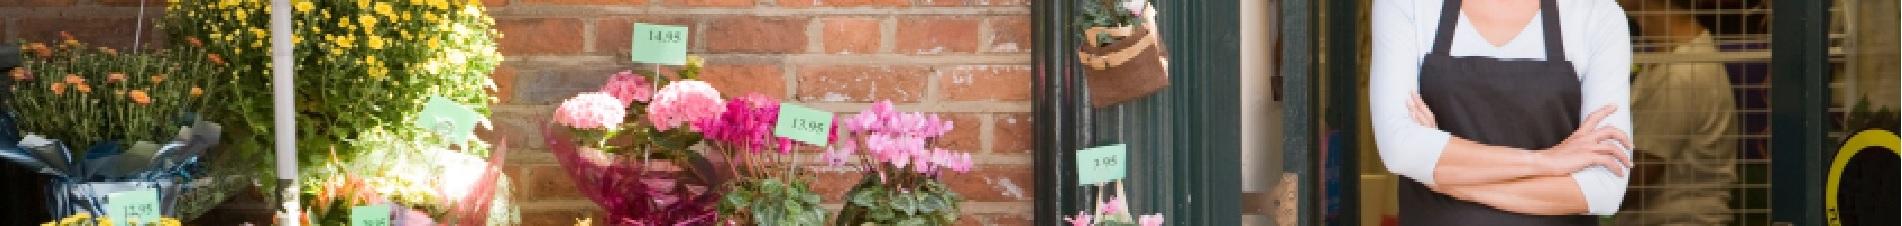 bloemen online bezorgen